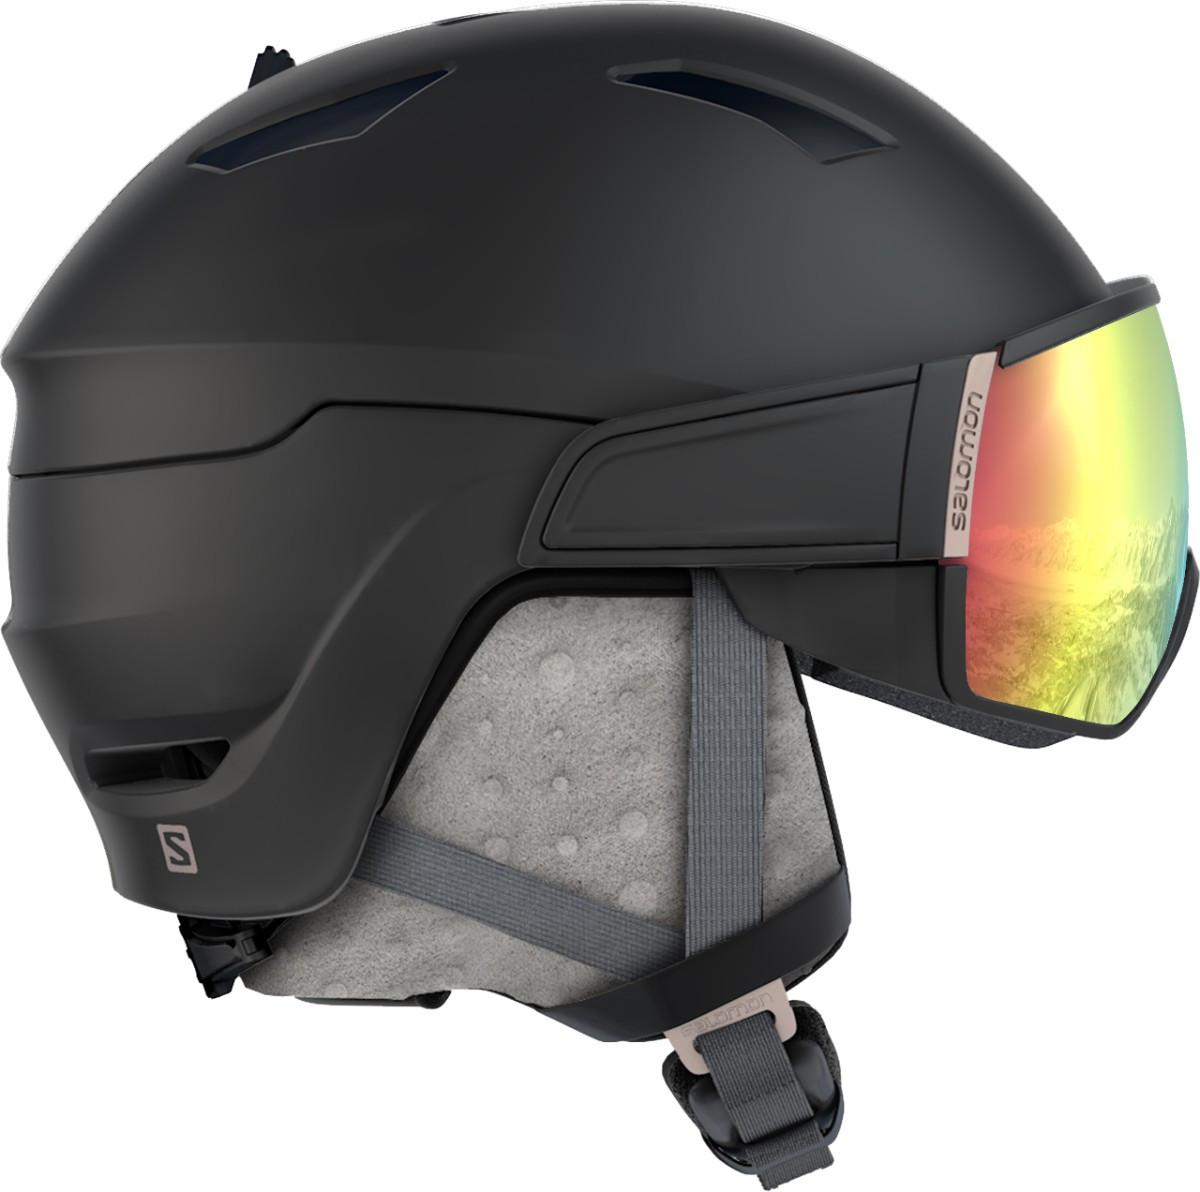 Salomon Mirage+ Photo Velikost helmy: M 2019/2020